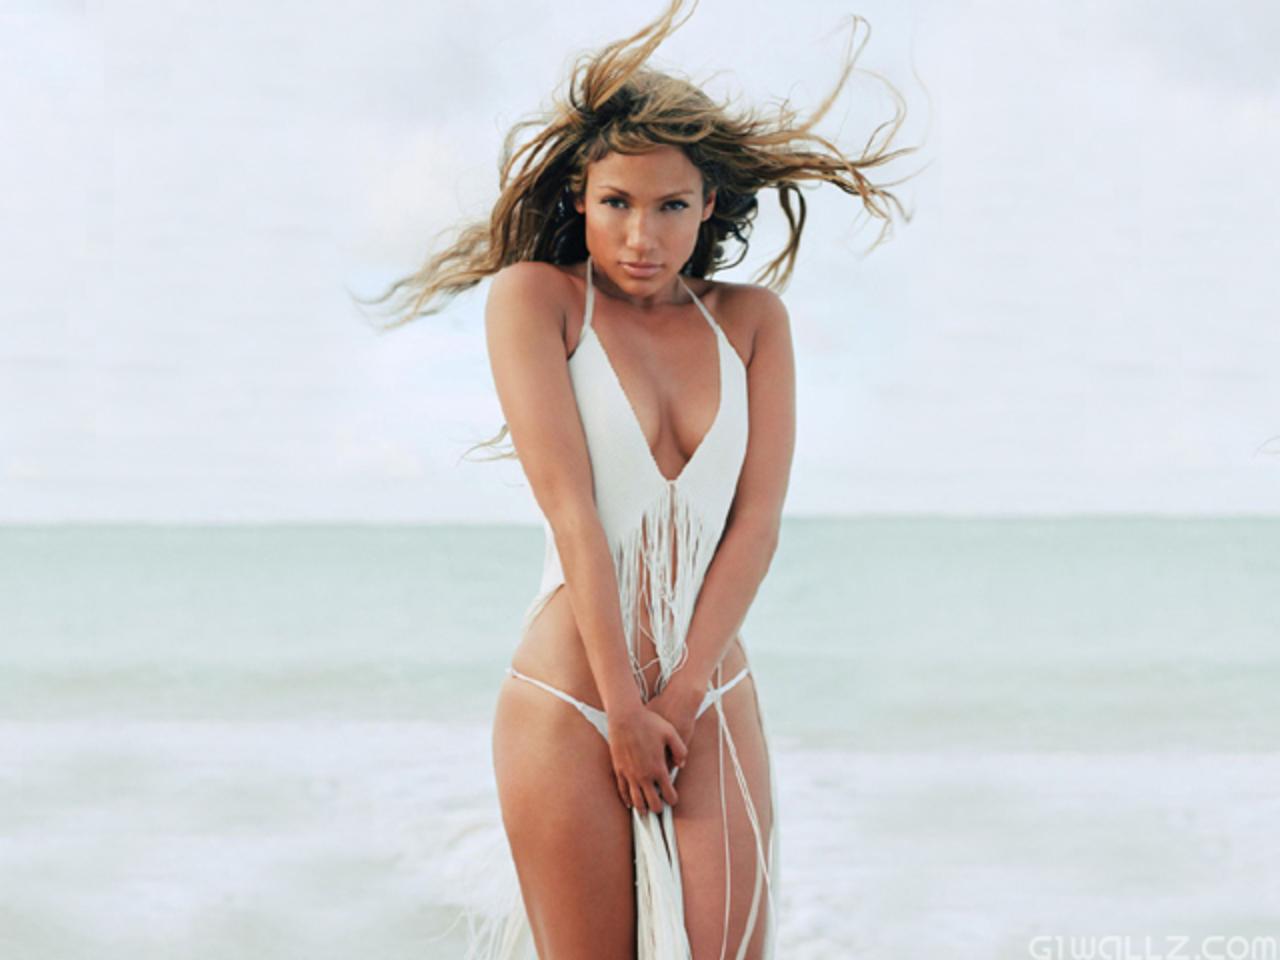 Jennifer Lopez beach pic